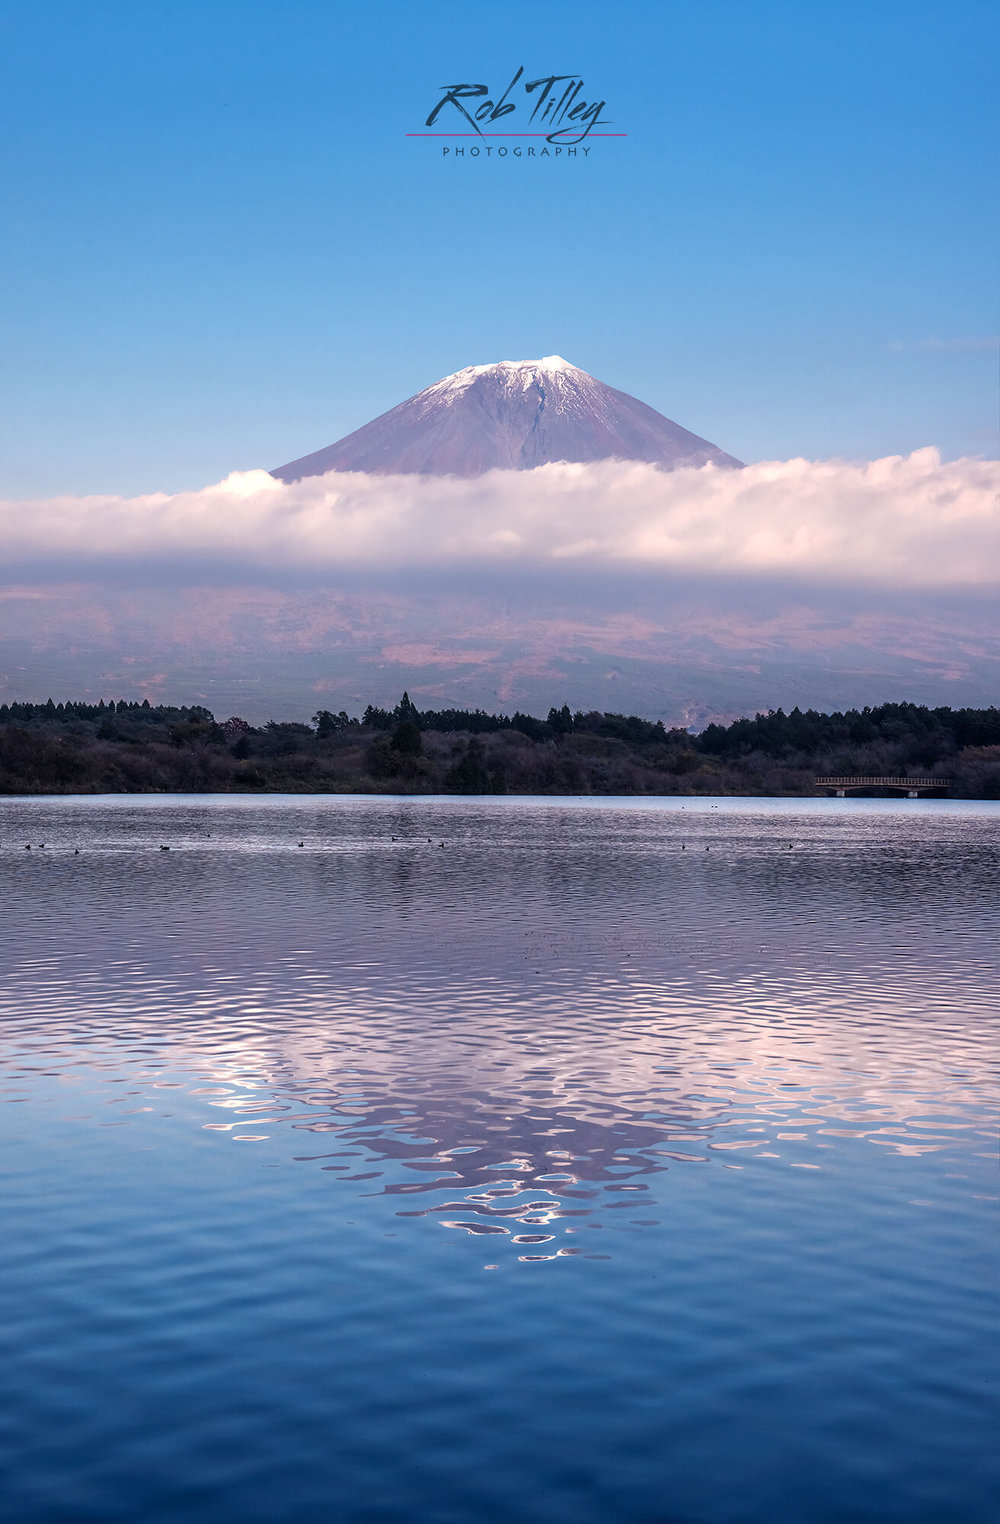 Mt. Fuji & Lake Tanuki II